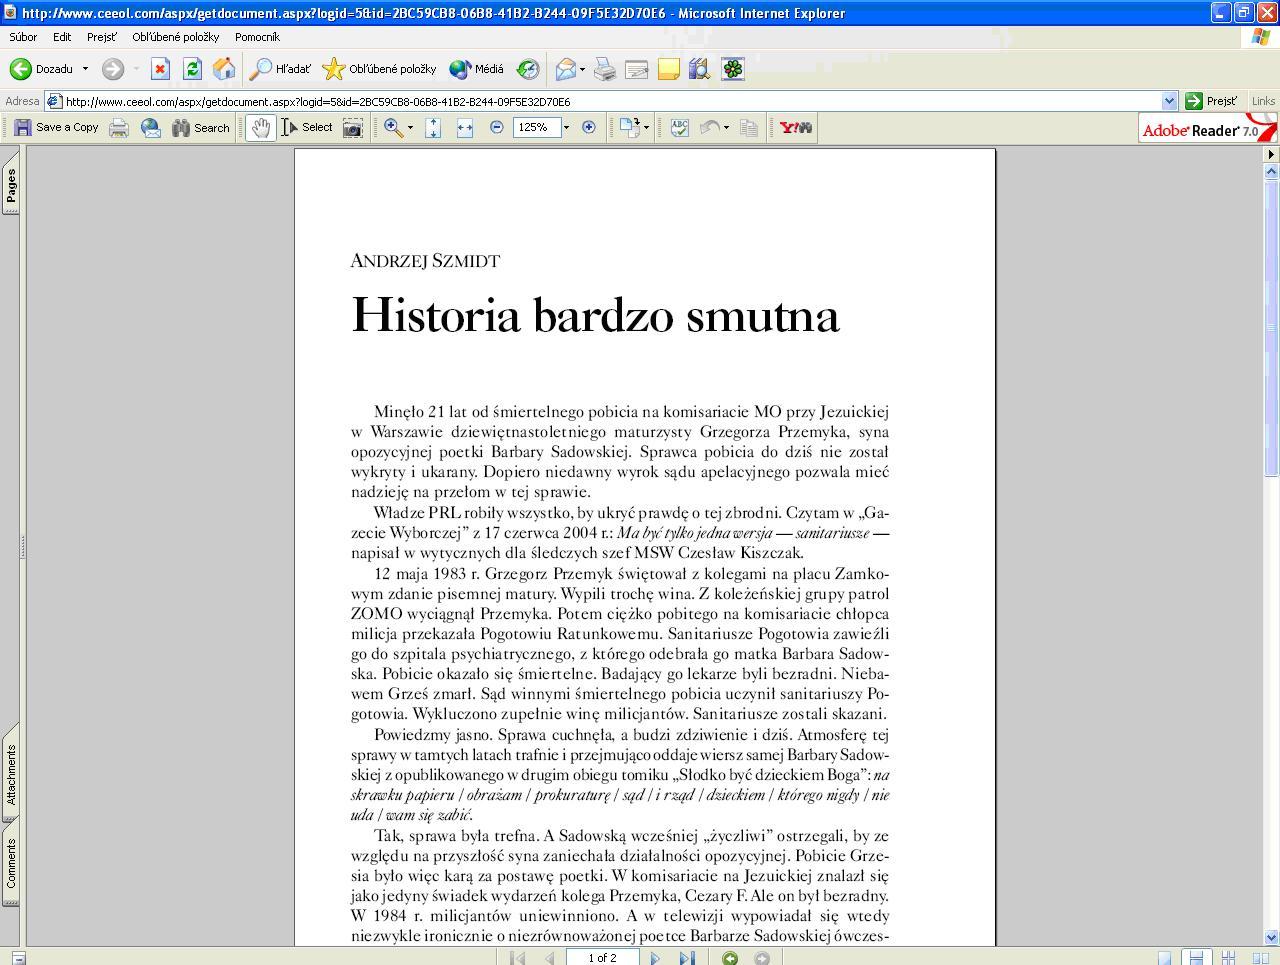 Obr. 12: Vstup do plného textu (tretí záznam v ponuke výsledkov)